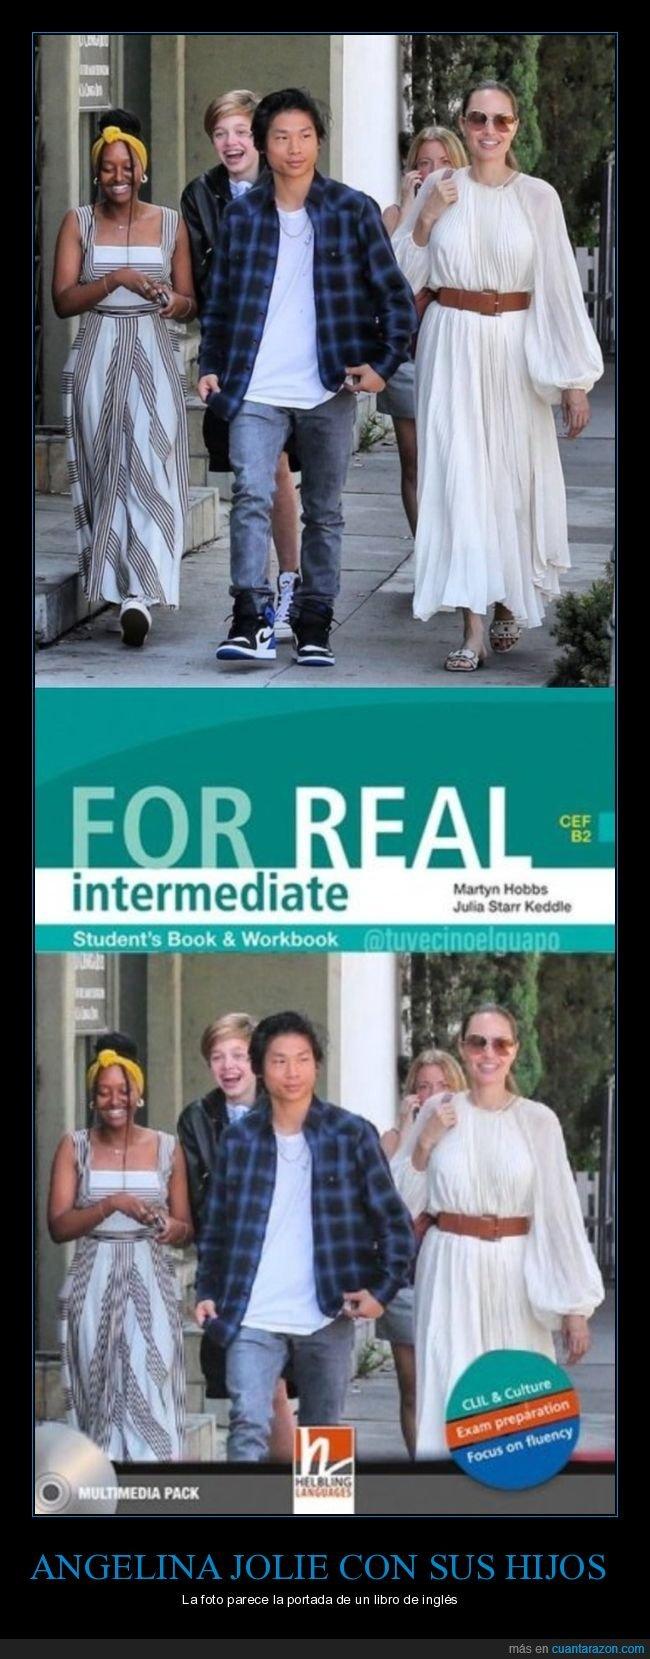 angelina jolie,familia,hijos,libro de inglés,portada